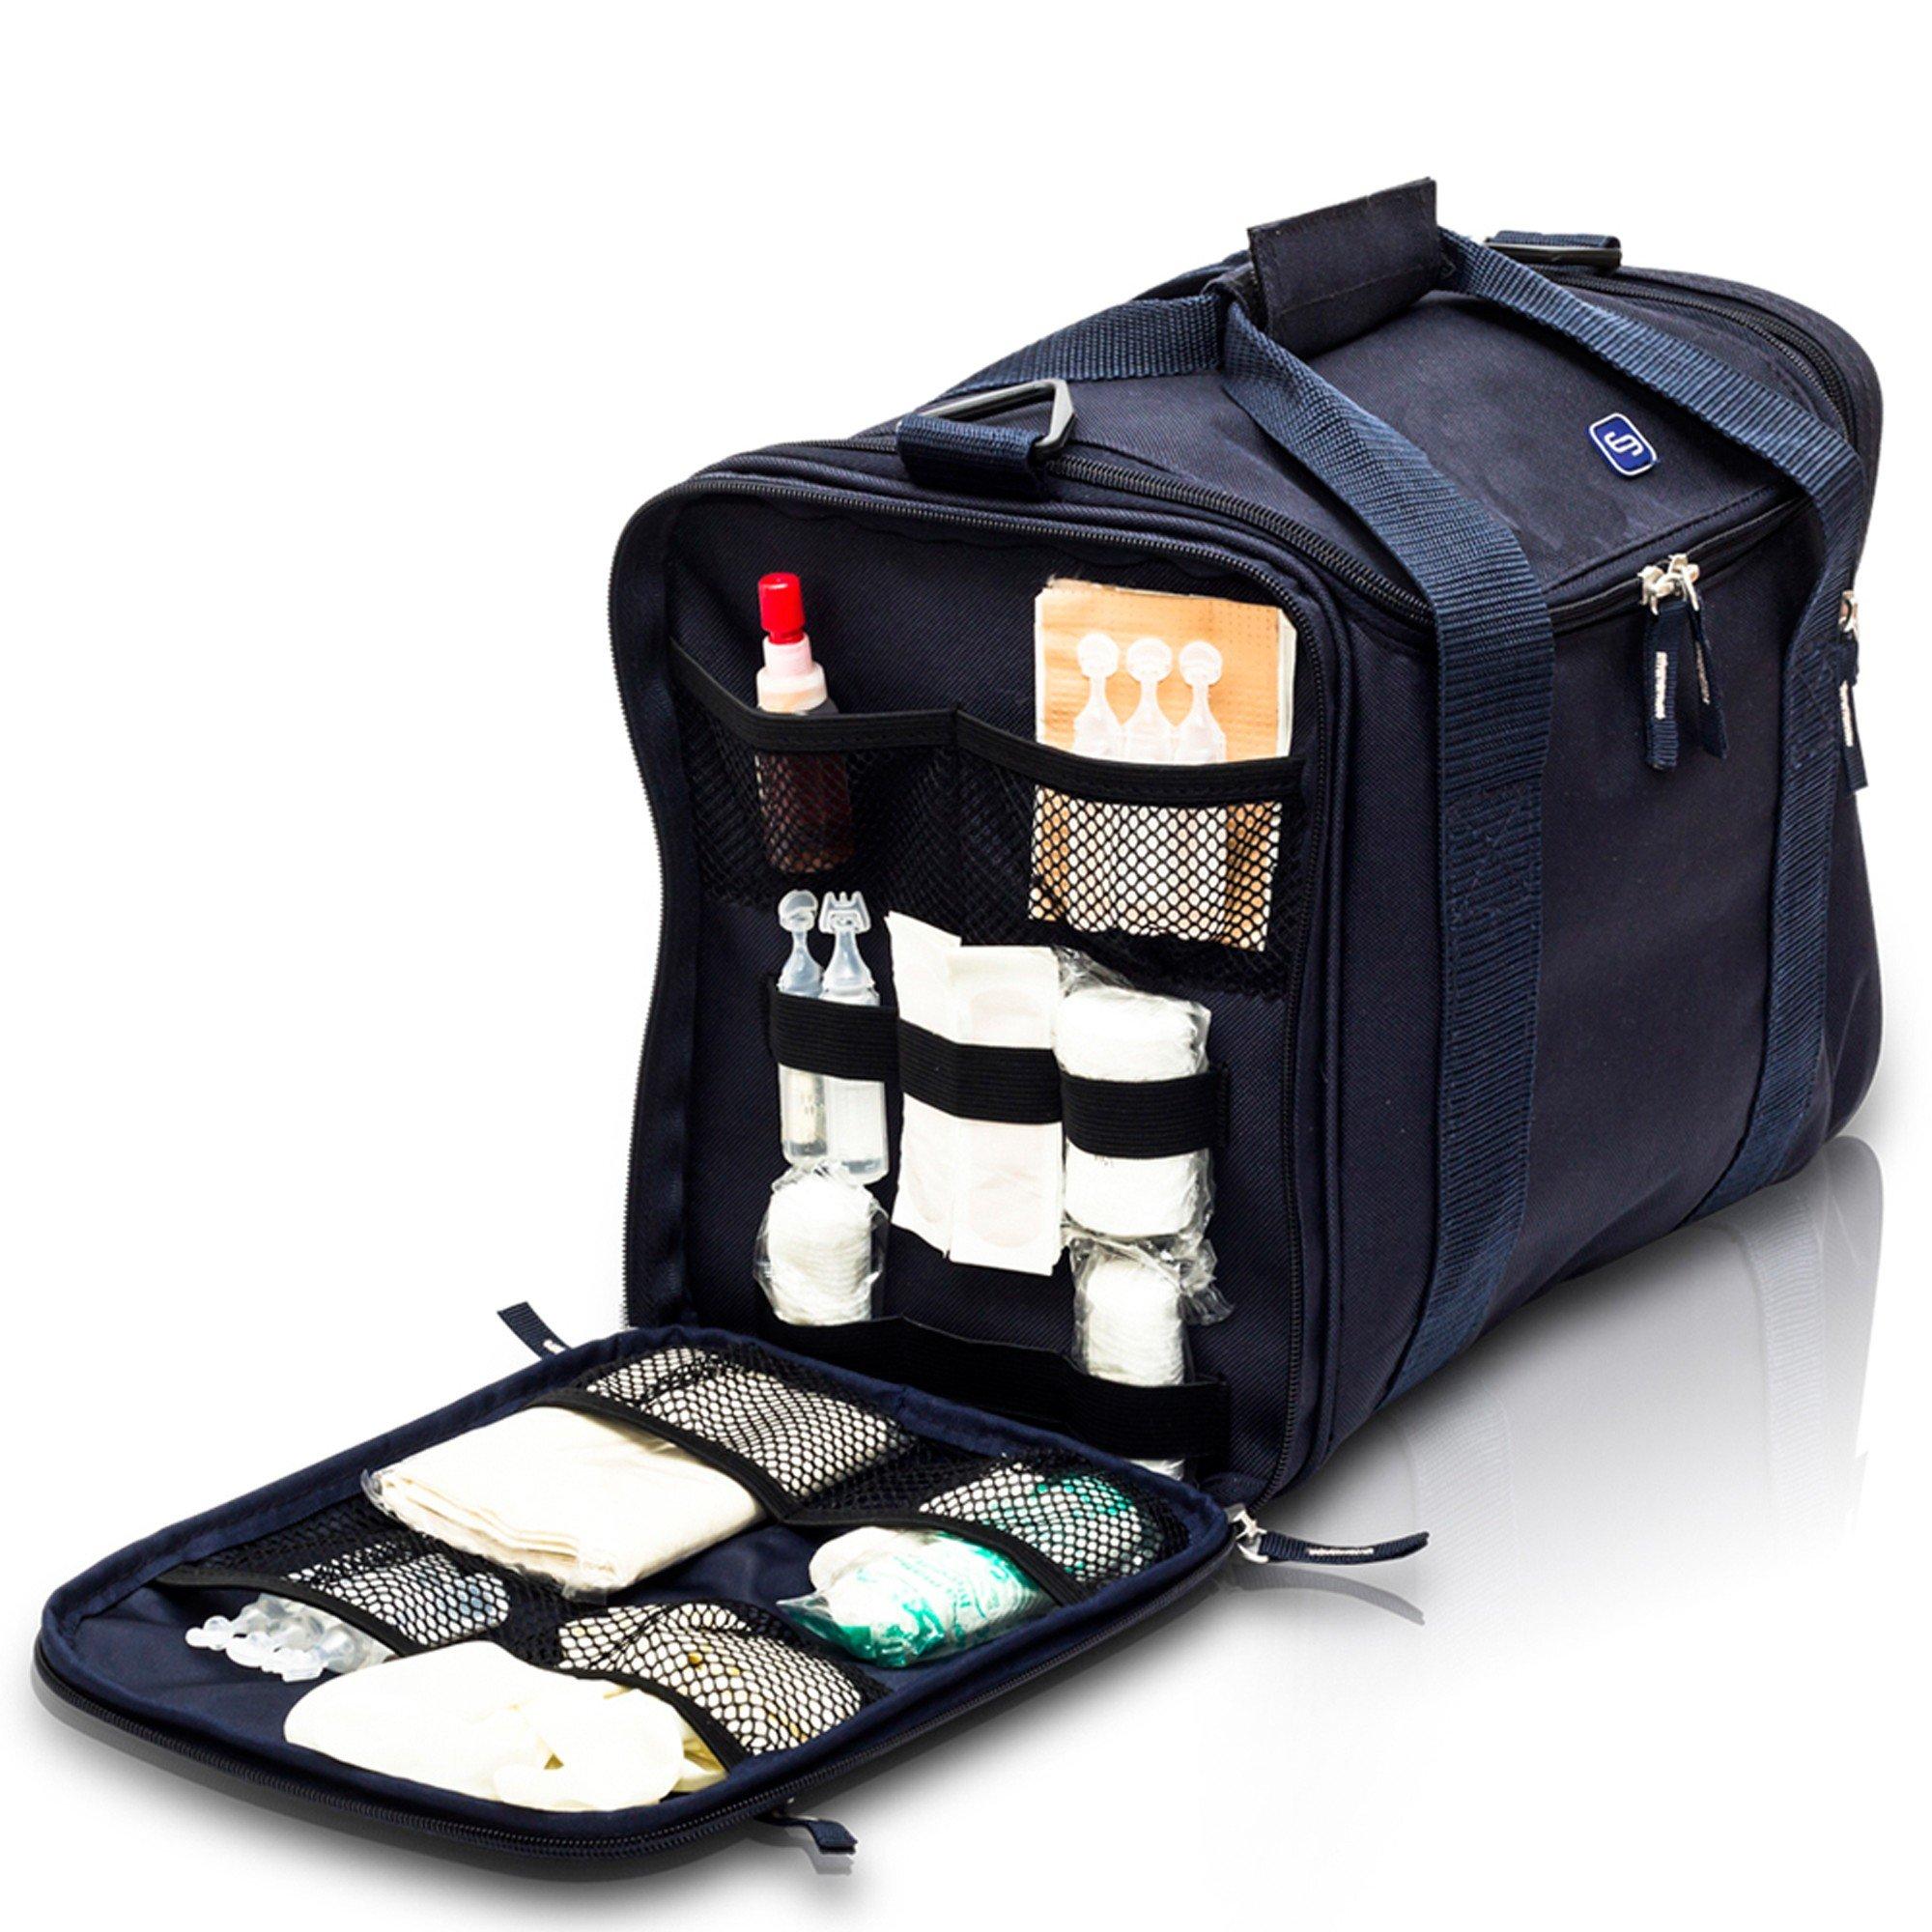 JUMBLE'S| First-aid bag | Mochila Botiquín de primeros auxilios, Modelo Jumbles, en color rojo (Black) by Elite Bags